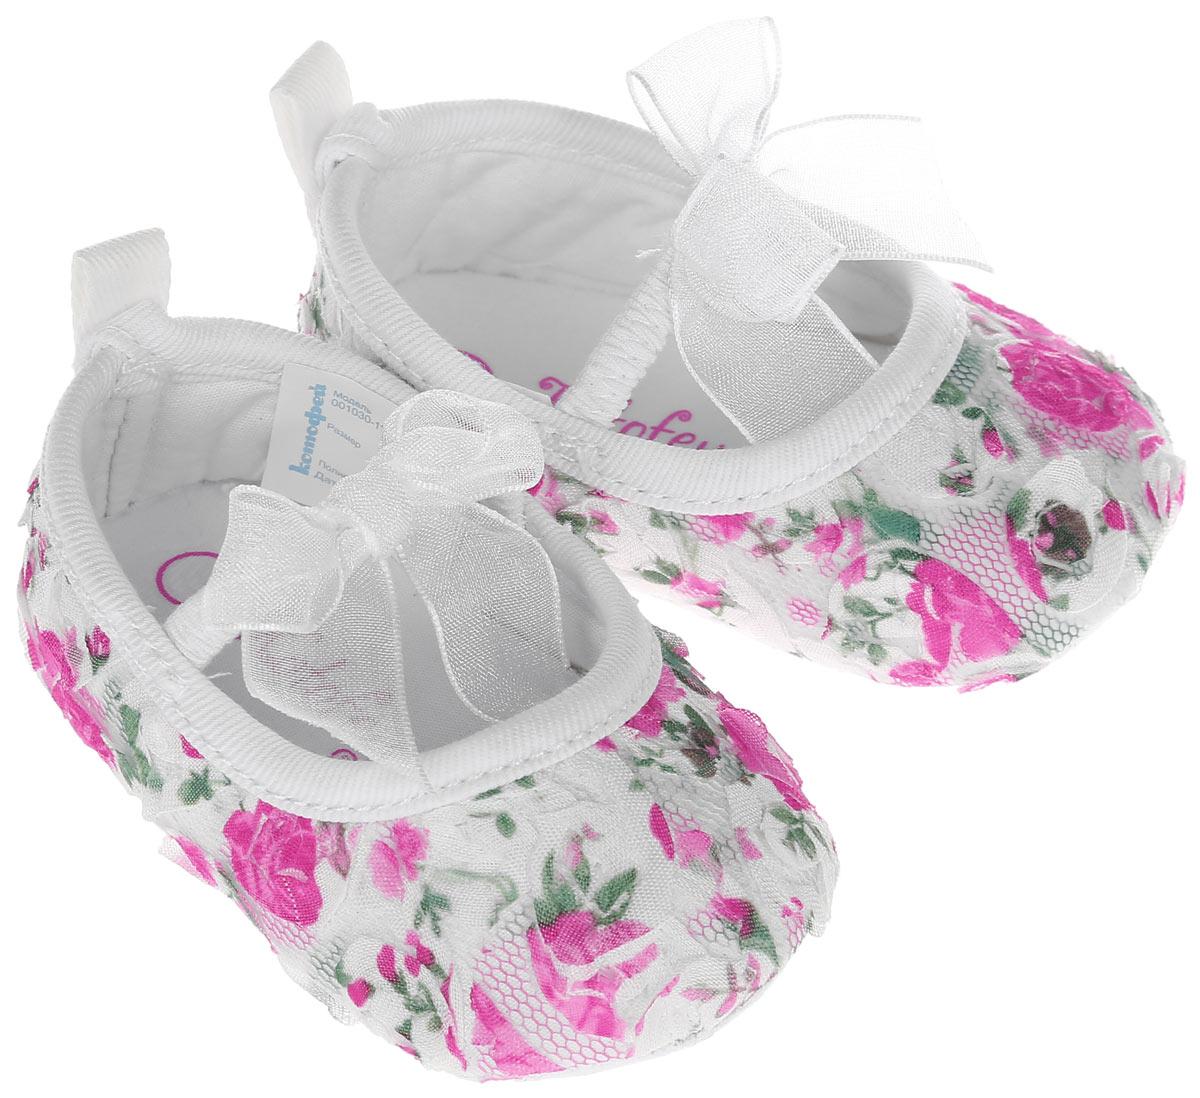 Пинетки для девочки Котофей, цвет: белый, розовый. 001030-11. Размер 18001030-11Красивые пинетки для девочки Котофей великолепно дополнят наряд маленькой модницы. В них ваша малышка будет чувствовать себя комфортно и непринужденно. Мягкий и приятный на ощупь материал бережно удерживает ножку ребенка и обеспечивает необходимую циркуляцию воздуха и гигроскопичность. Пинетки легко надеваются и снимаются, а движения стопы в них остаются свободными. Модель дополнена эластичной резинкой для лучшей фиксации на ножке ребенка. На стопе предусмотрен рельефный рисунок. Изделие декорировано цветочной аппликацией, украшено бантиками. Легкие и комфортные материалы делают эту модель практичной и популярной. Такие пинетки - отличное решение для малышей и их родителей!